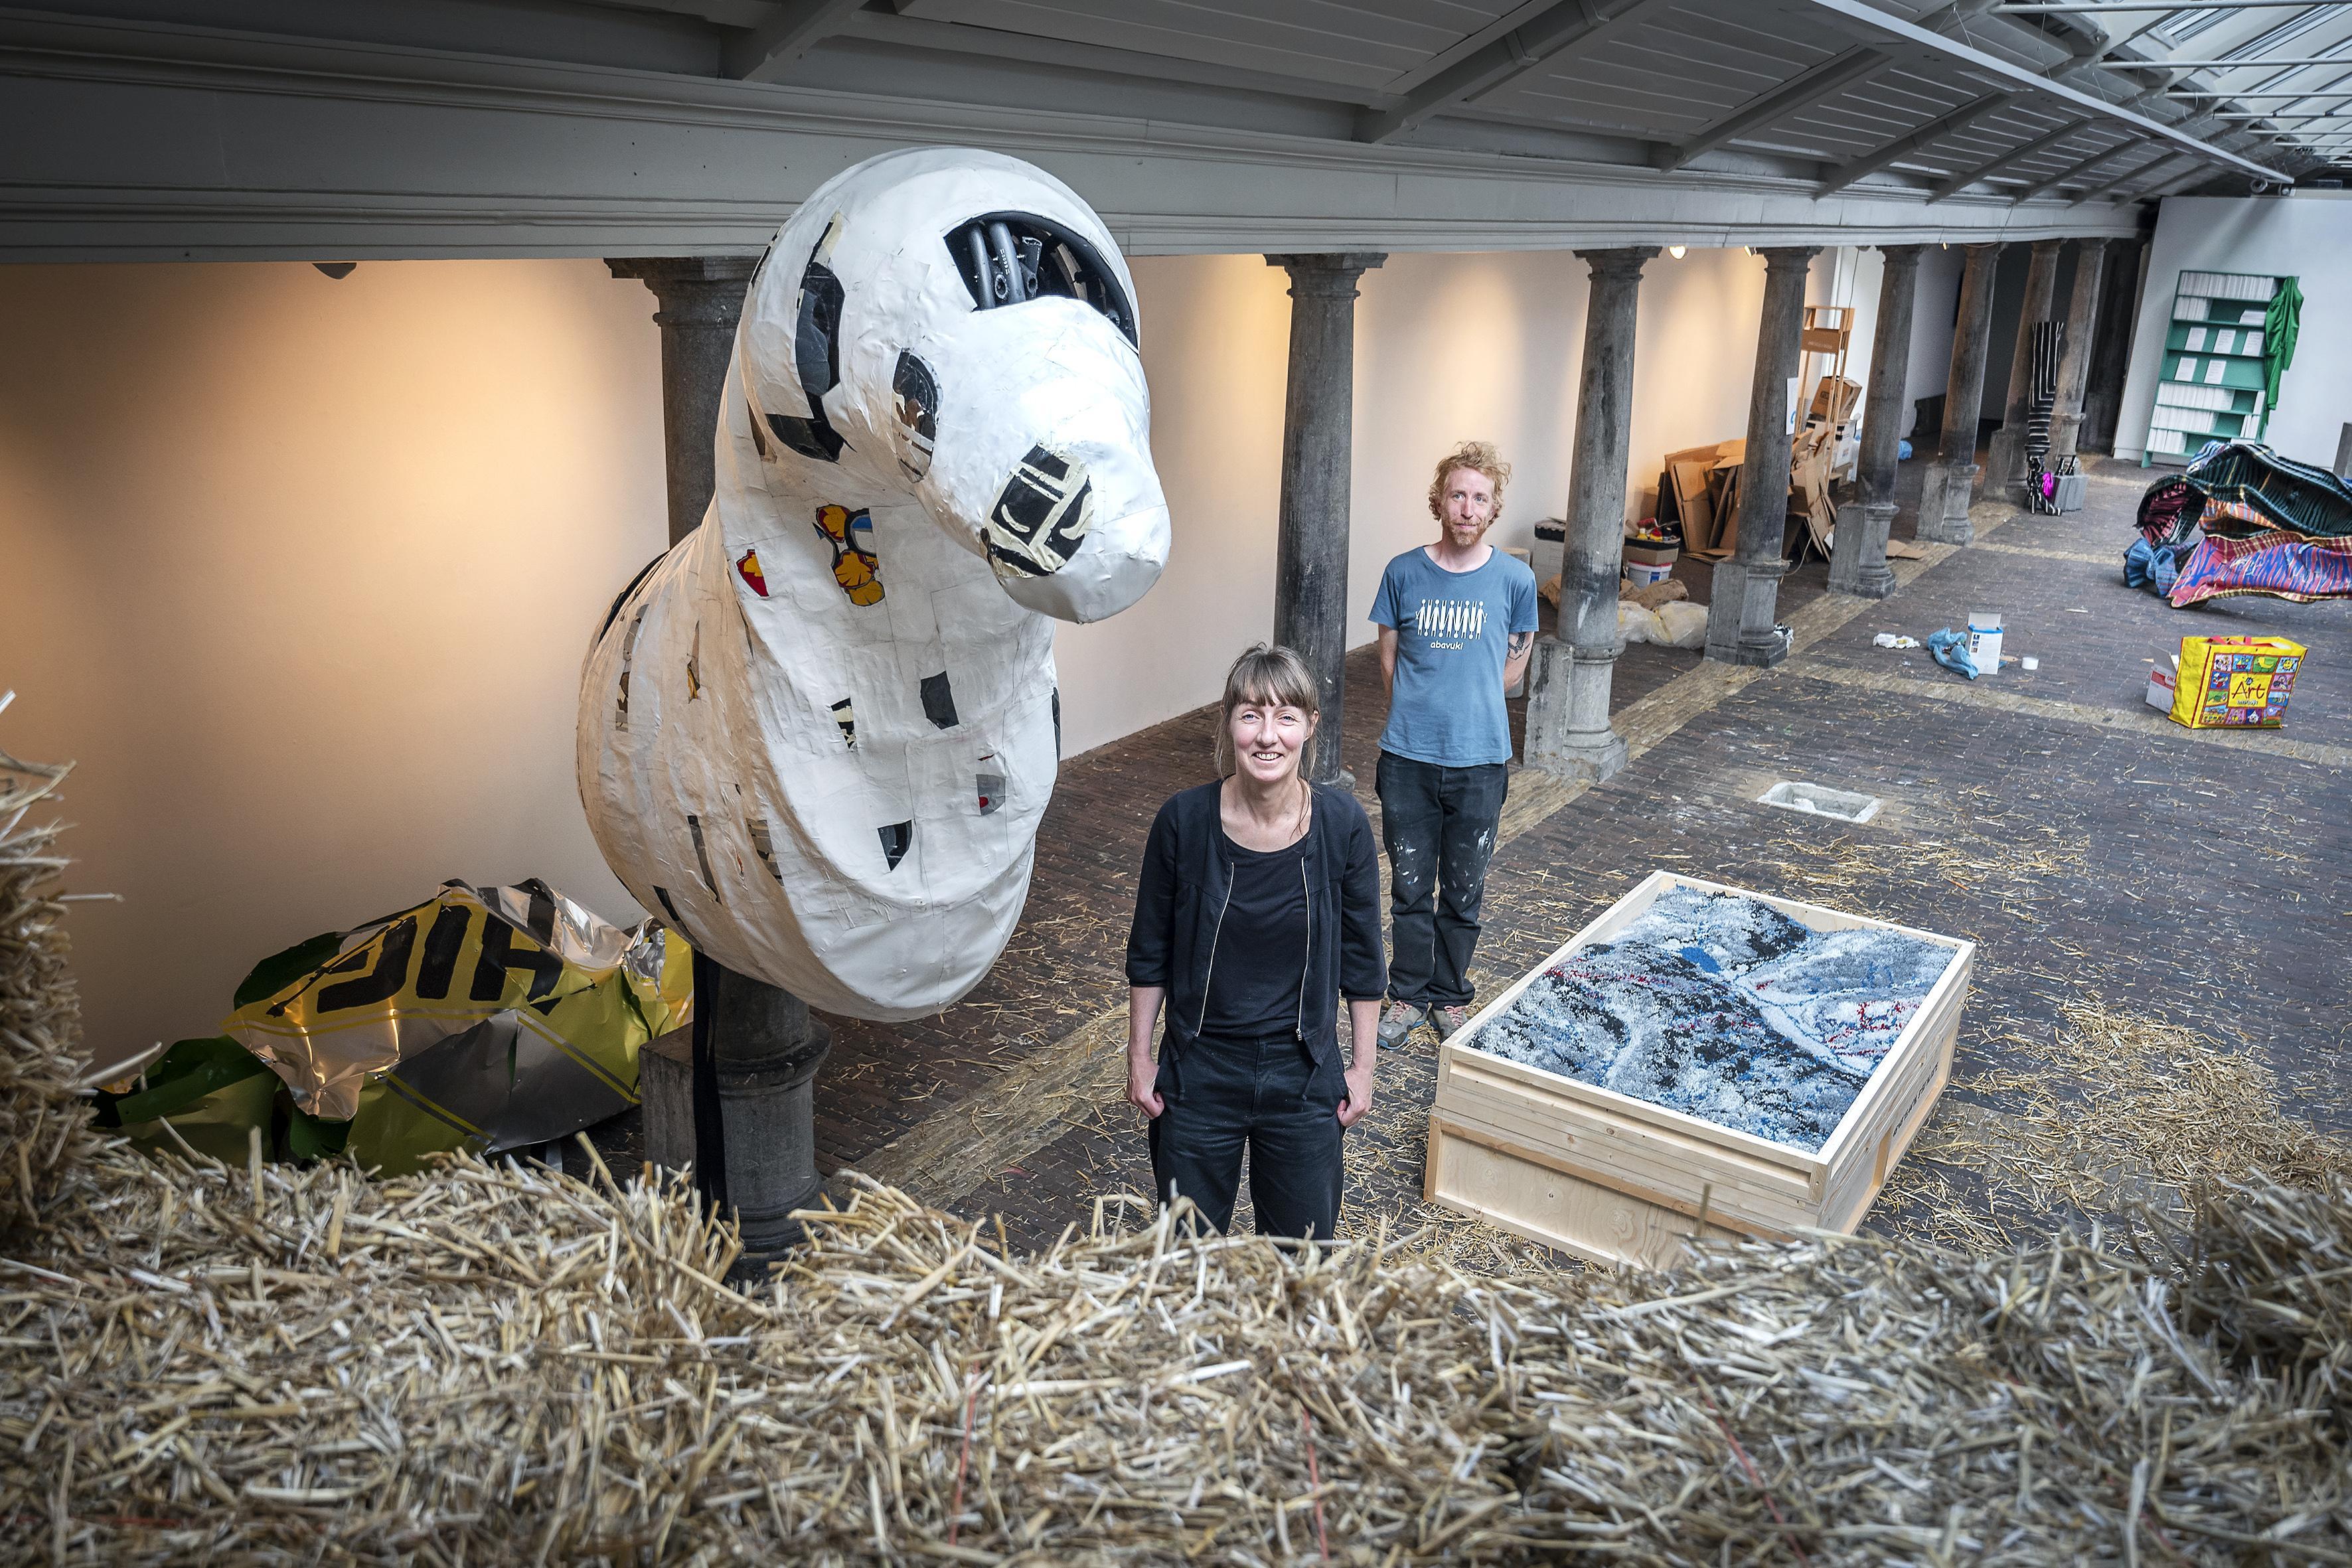 Expositie 'Achtung! Spielplatz' in Vishal Haarlem toont dat spel, kennis en kunst nog steeds hand in hand gaan